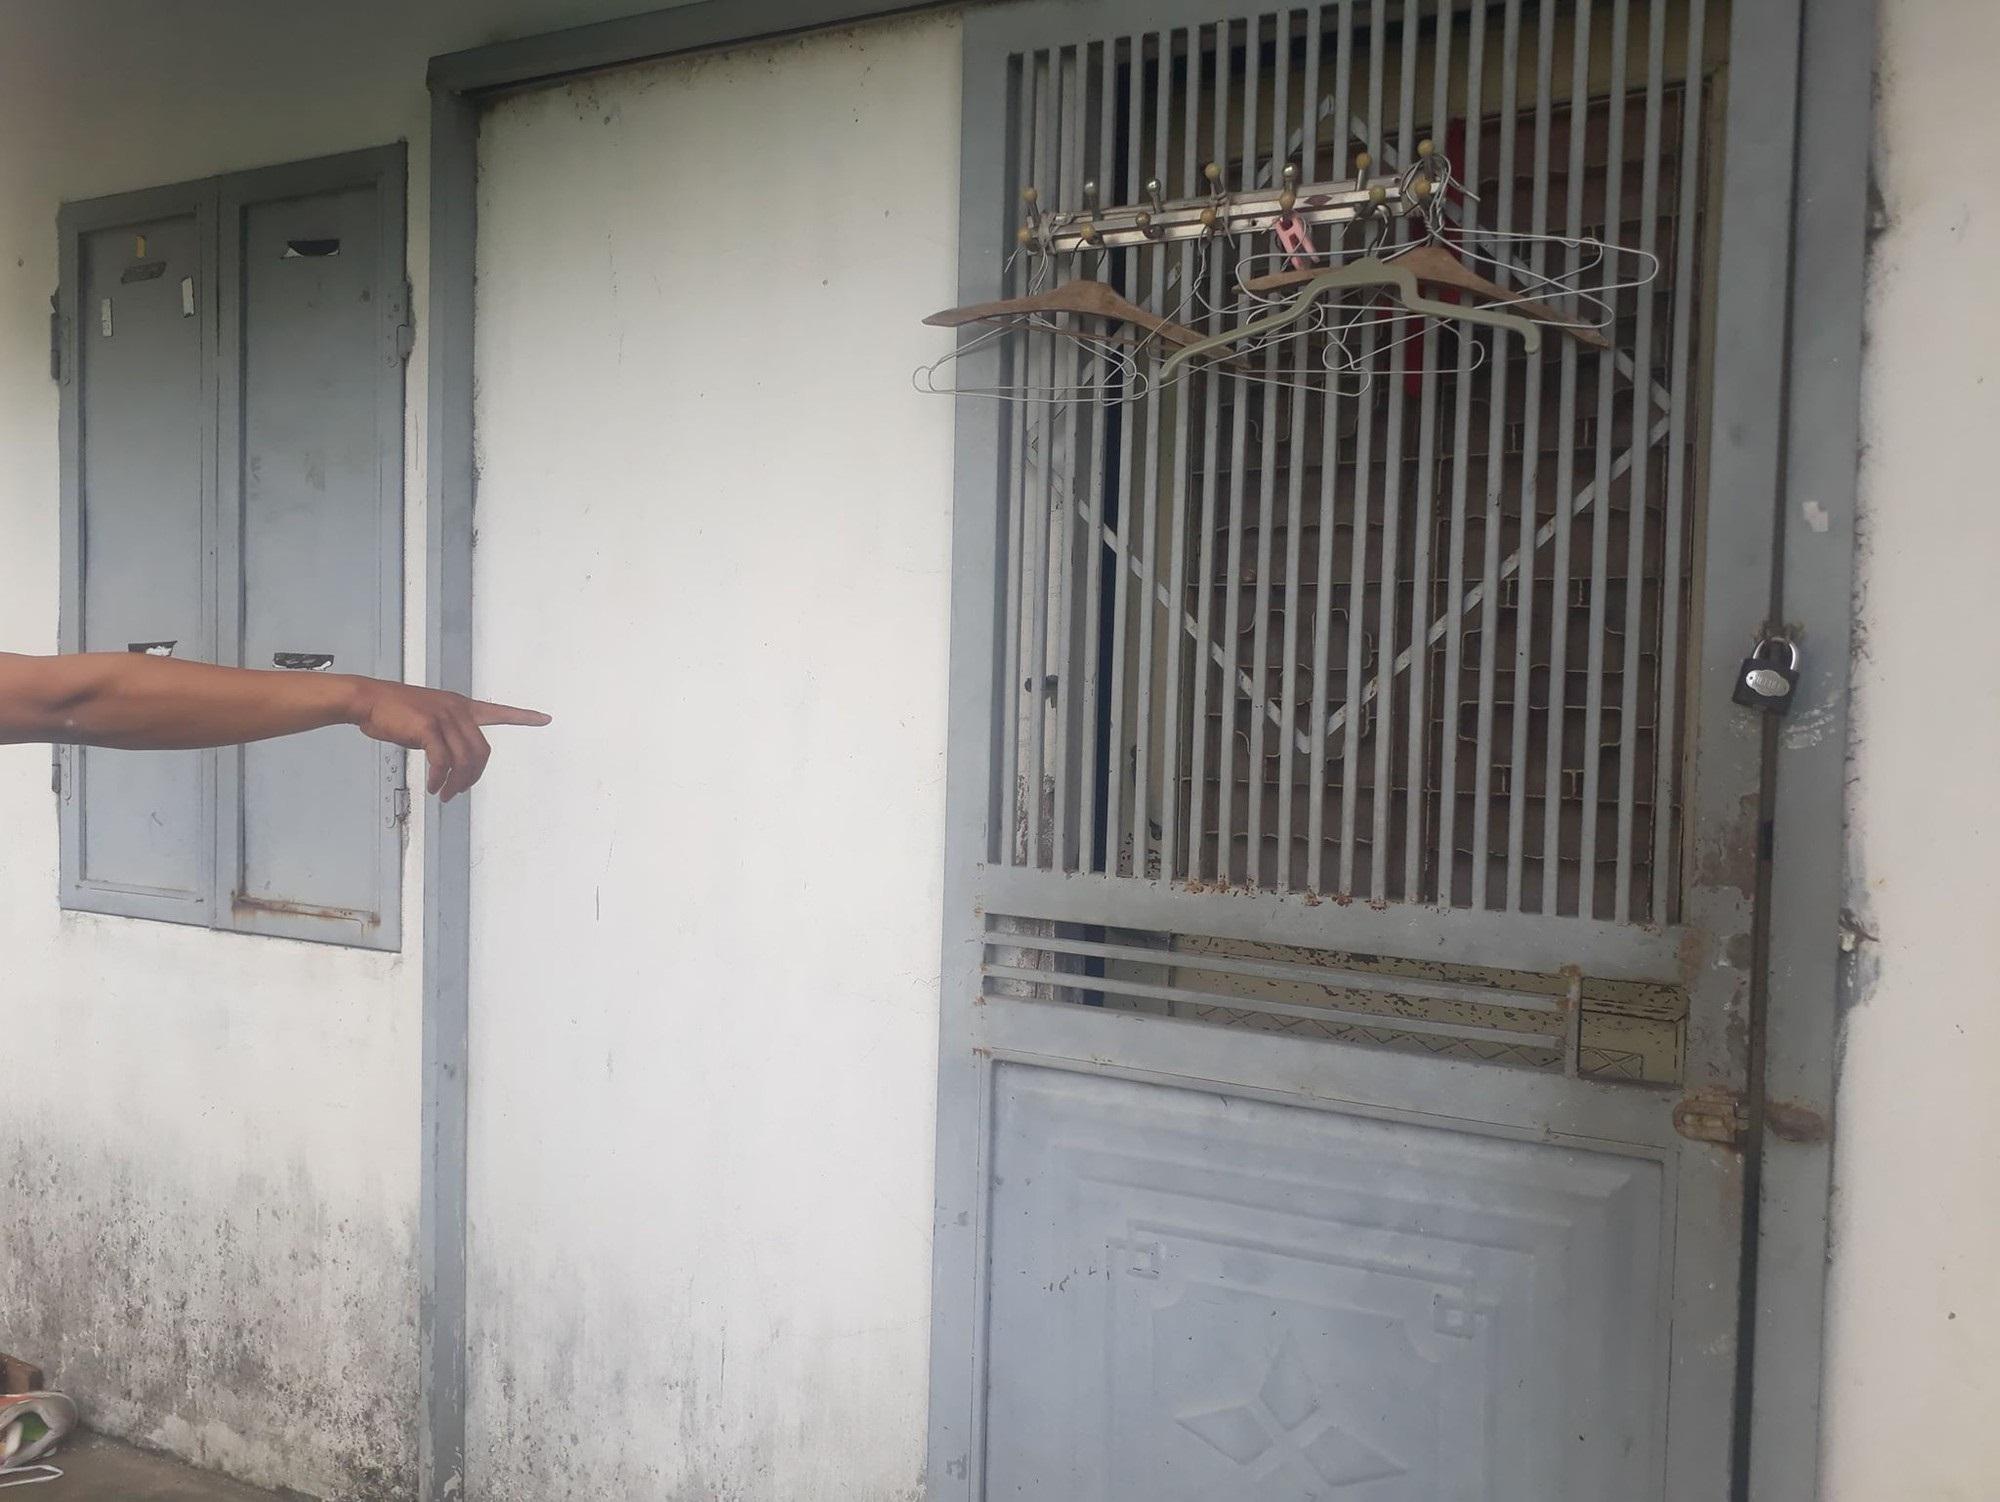 Người cha bị tố bạo hành hai con dã man: 'Dùng tuýp sắt to để đánh, đập đầu các con vào tường' - Ảnh 3